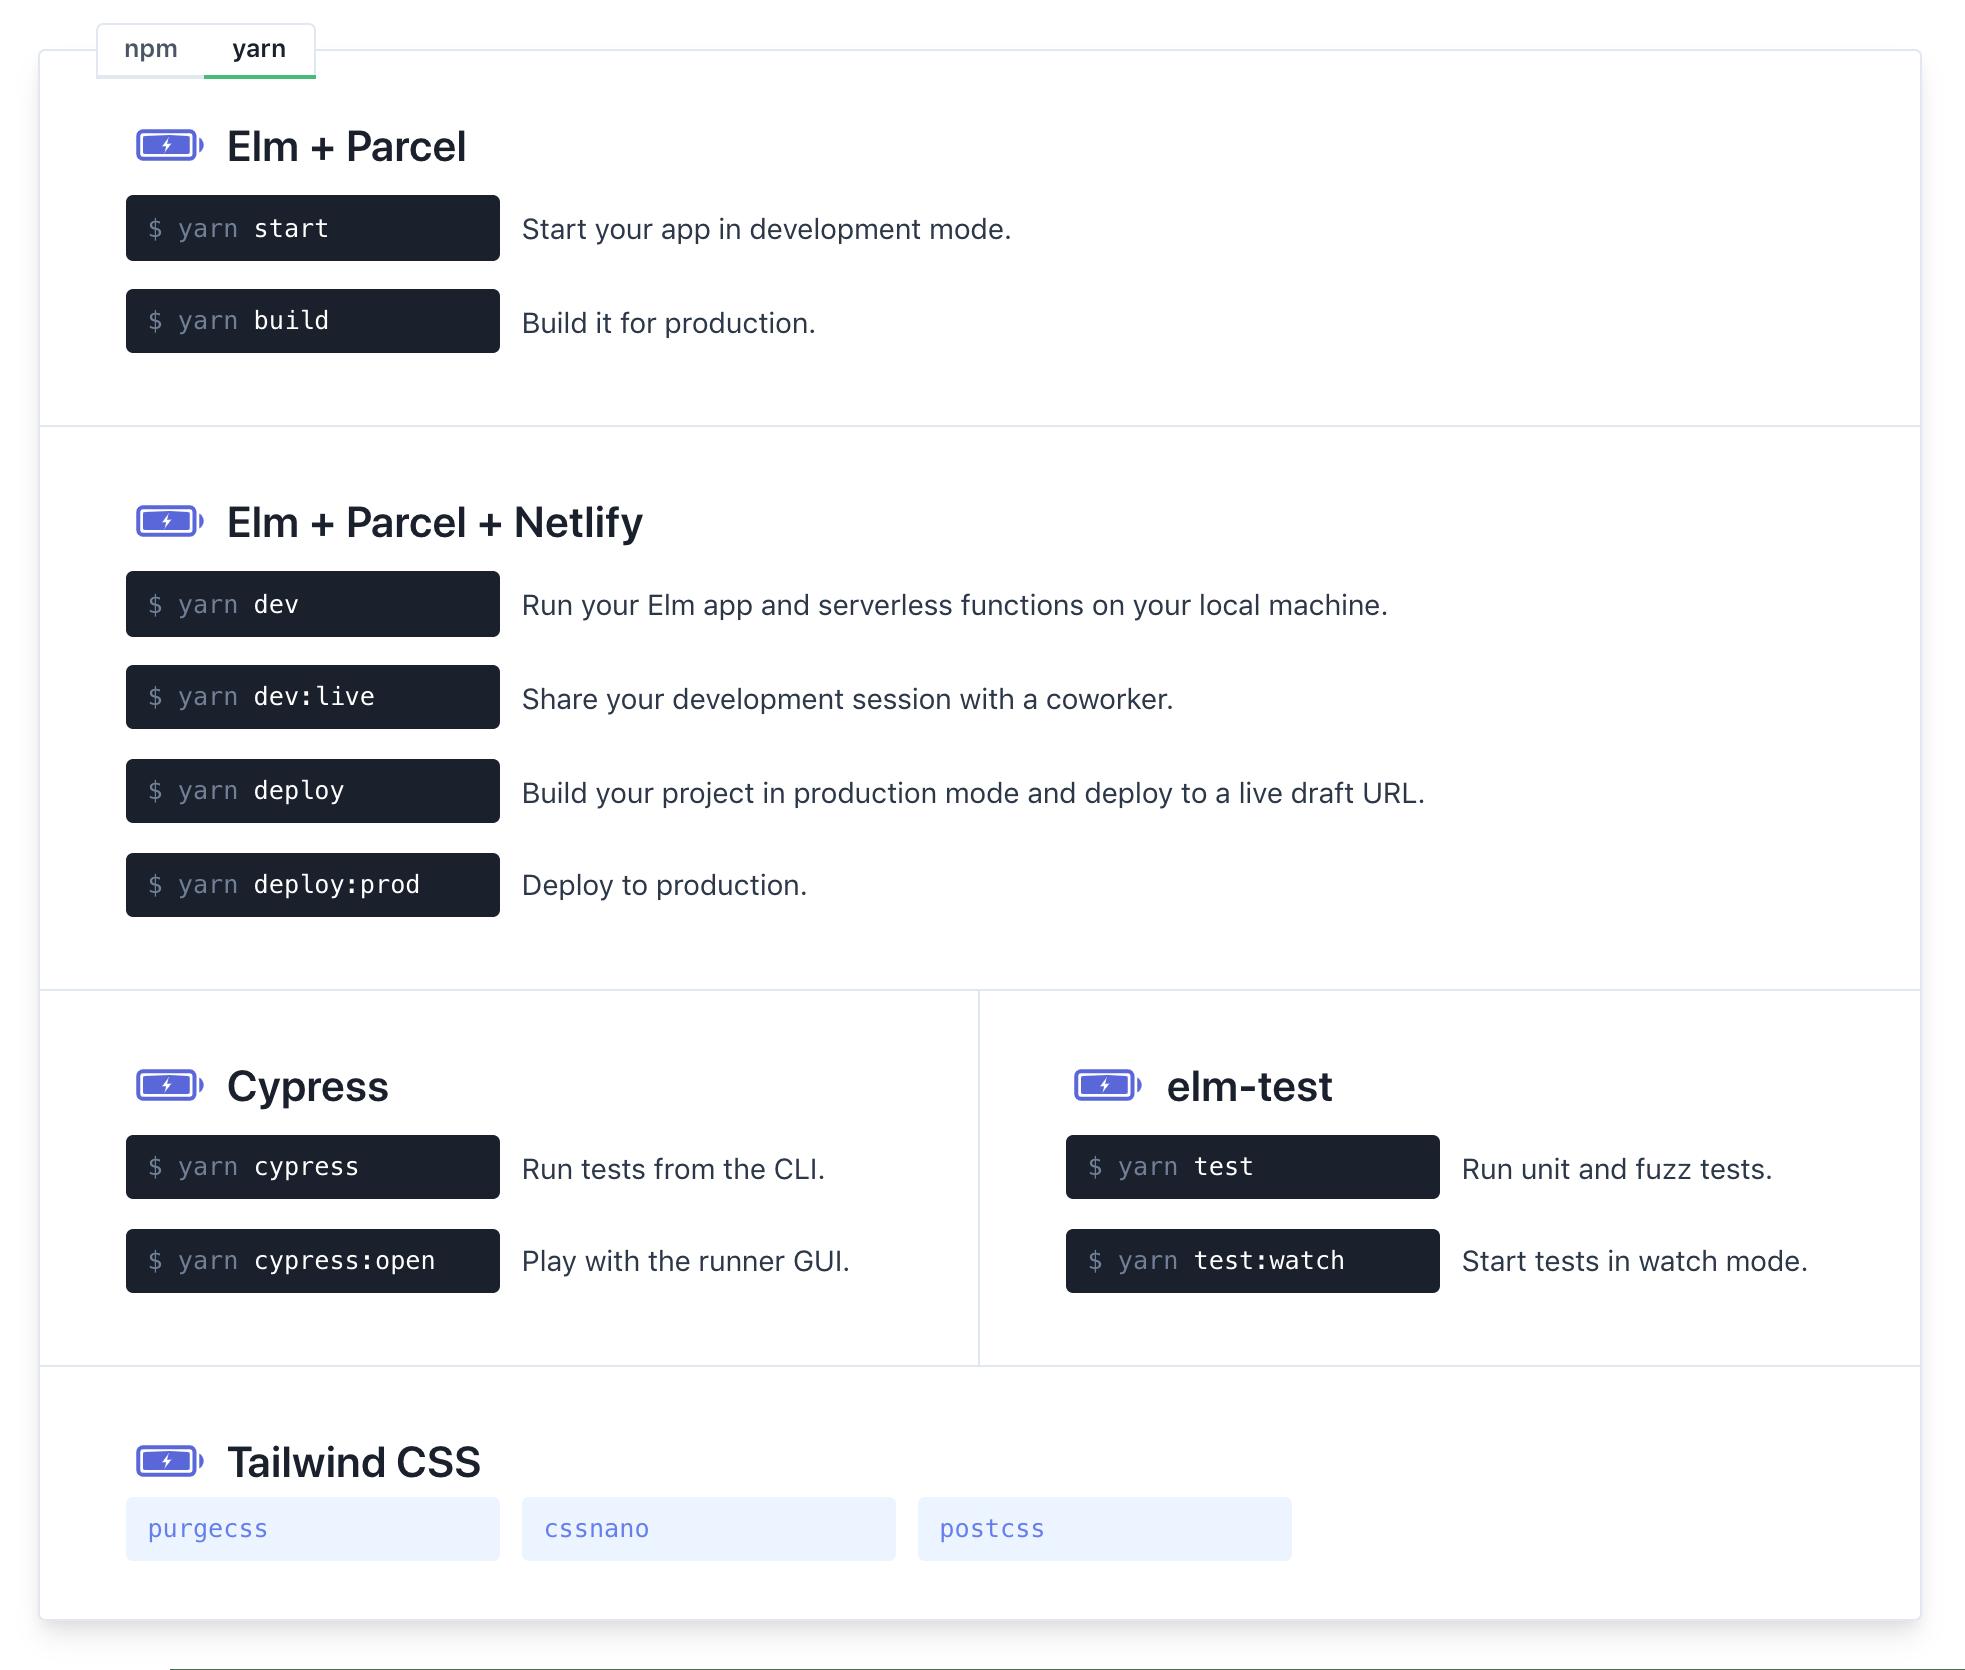 Website documentation (sneak peek)